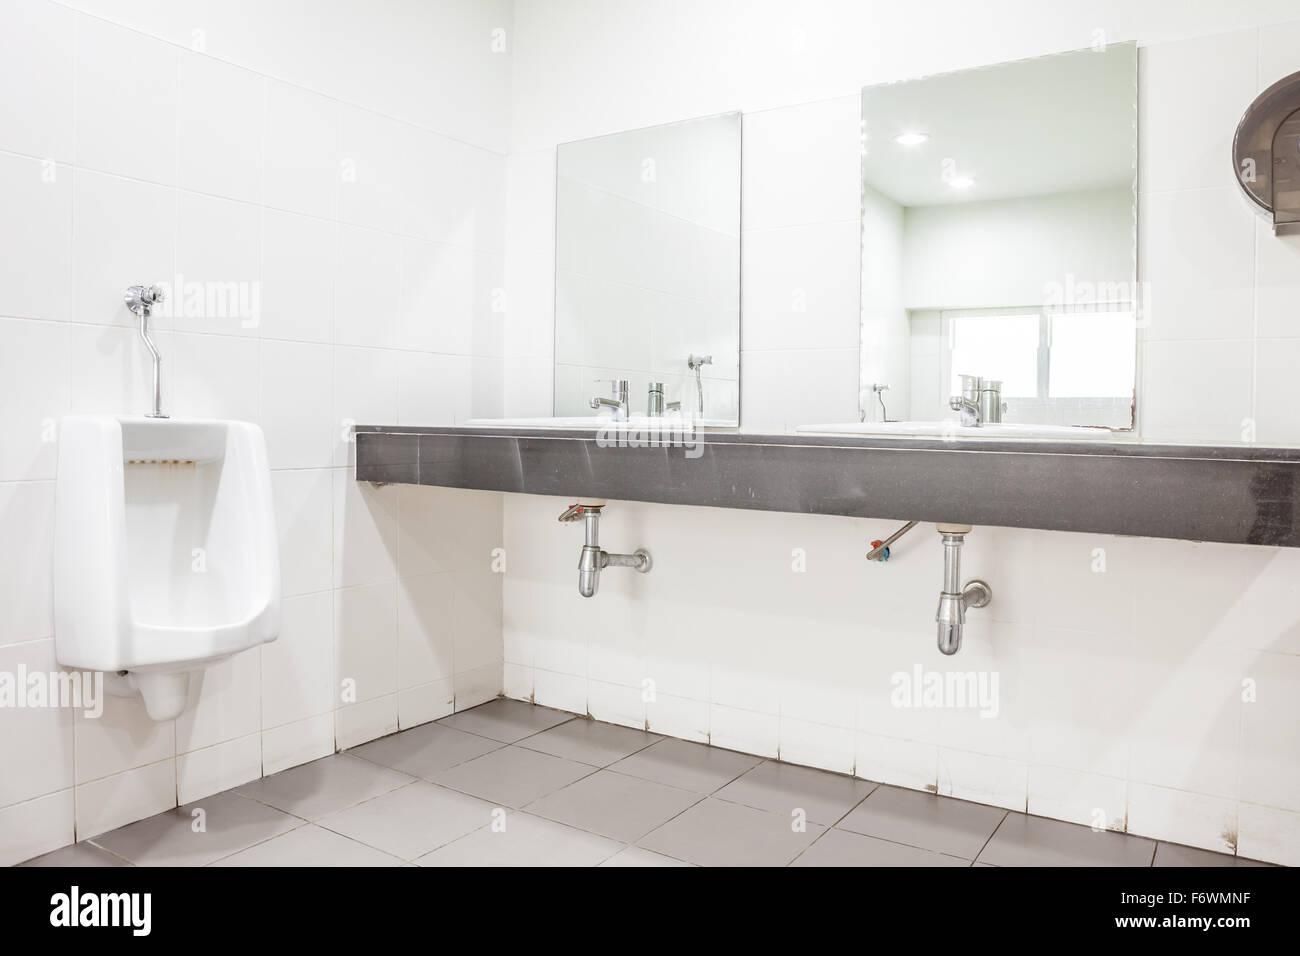 Urinal Toilet Bath Stock Photos & Urinal Toilet Bath Stock Images ...